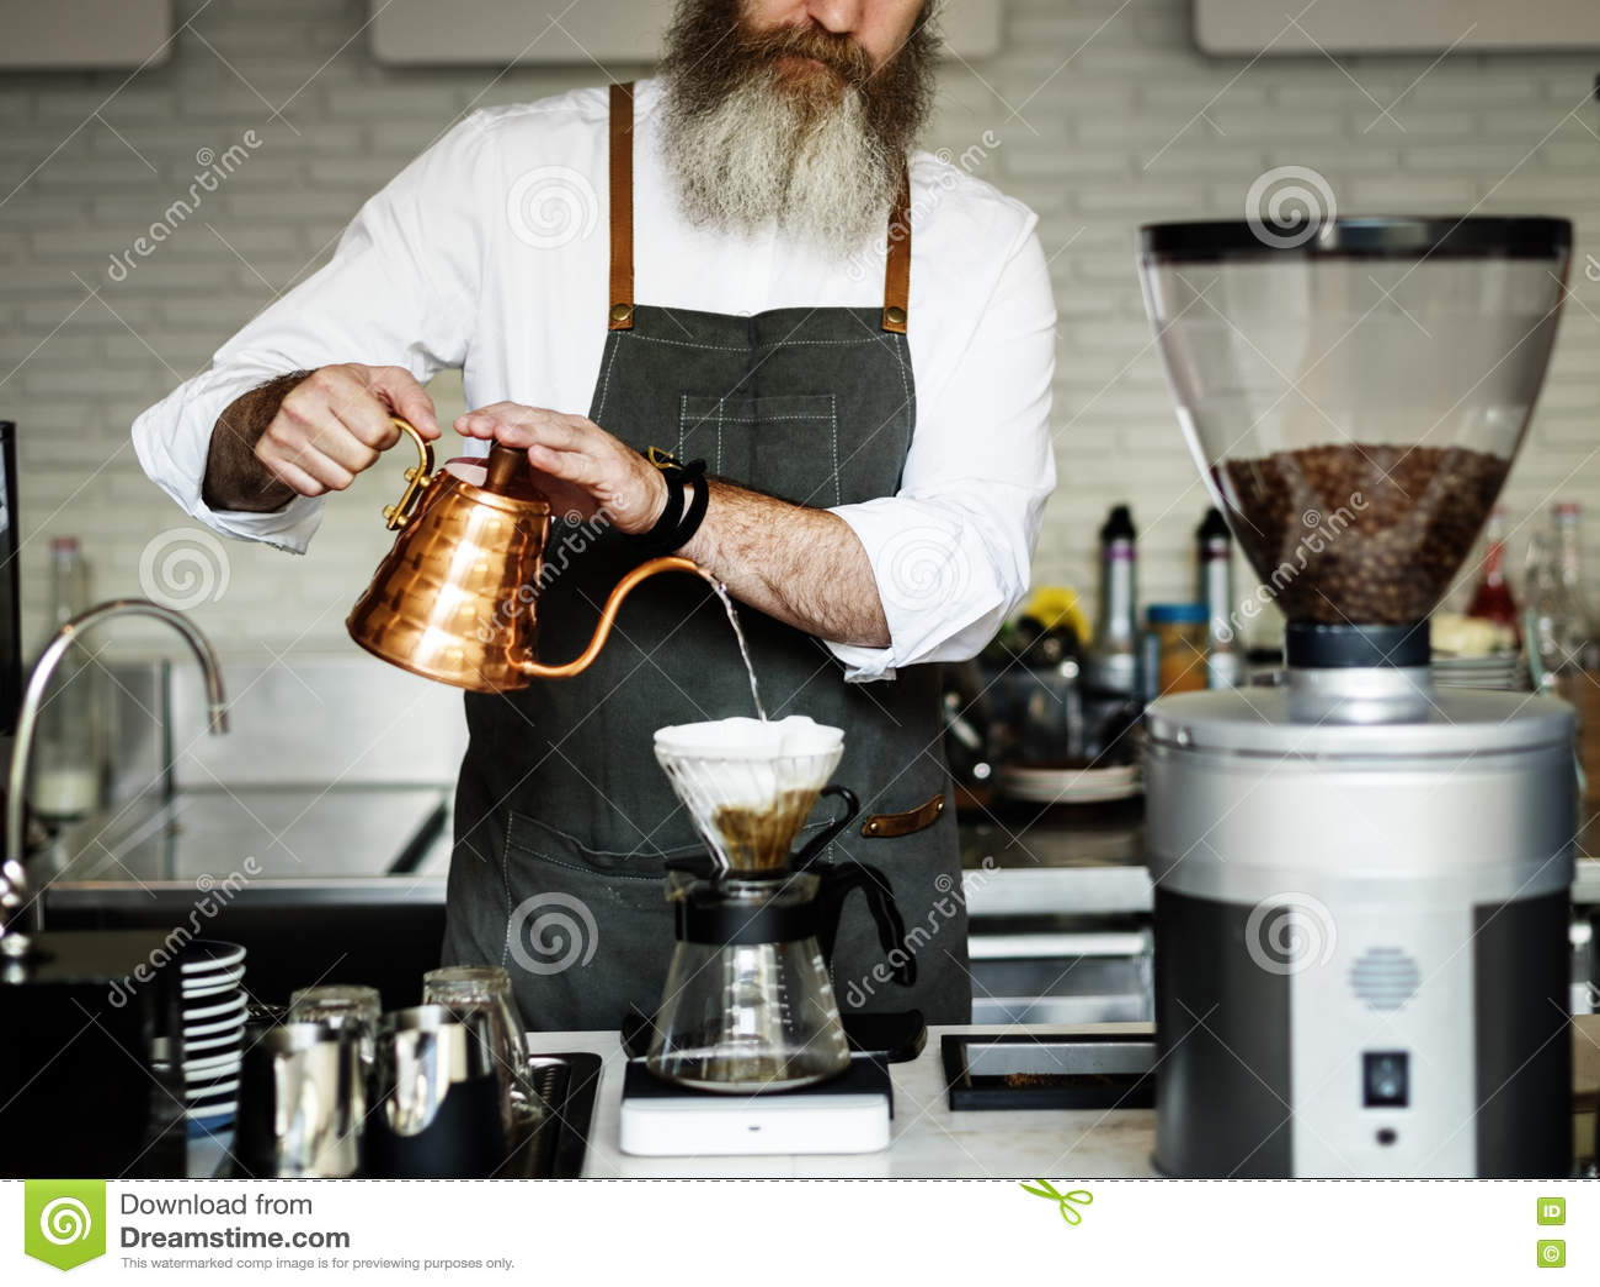 Barista准备咖啡生产顺序概念